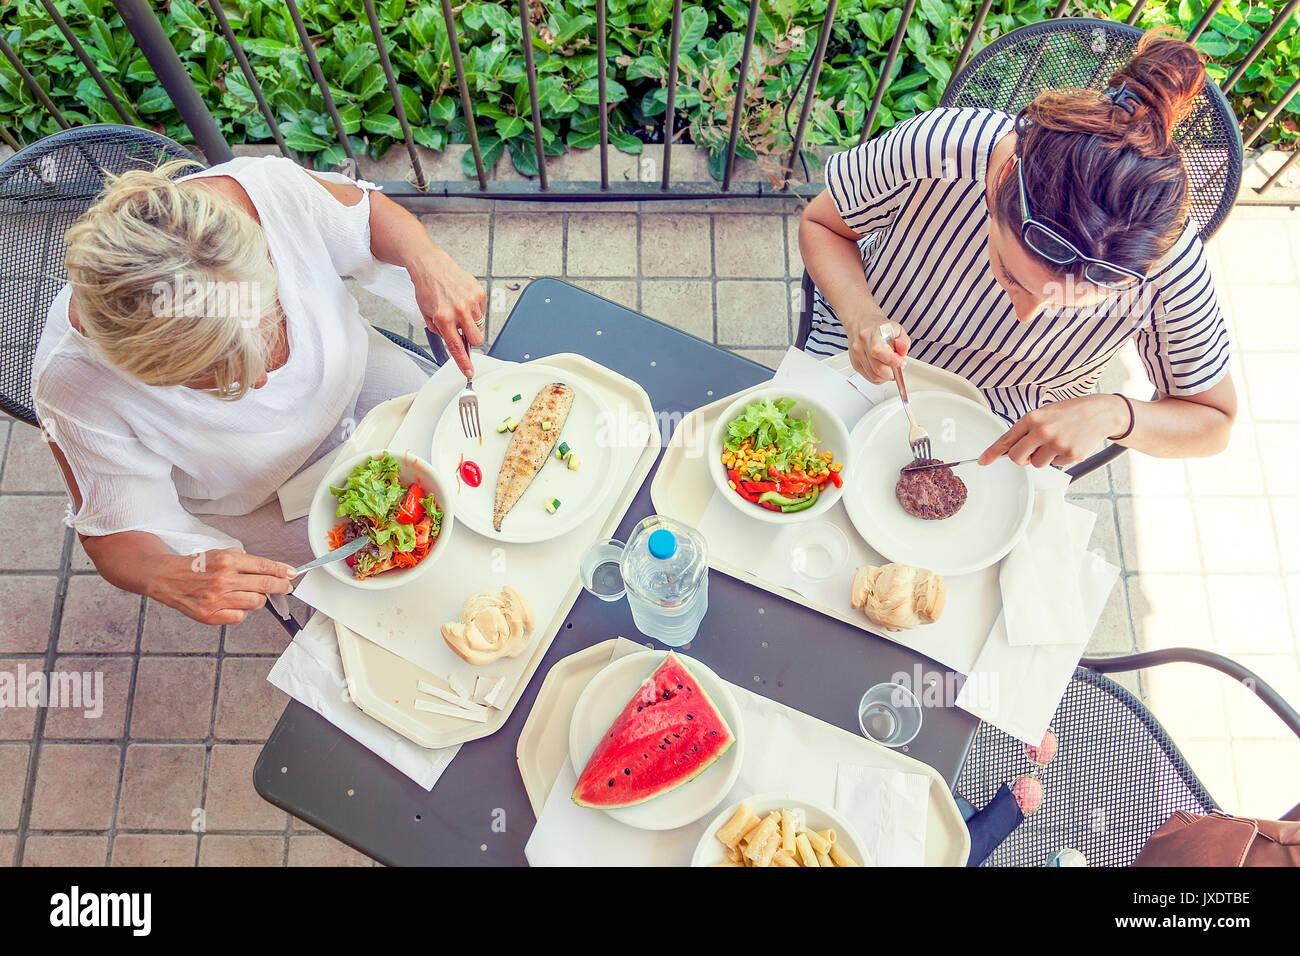 Maman moderne et jeune fille au dîner assis à la table dans un parc aquatique sur l'été. Concept de belles personnes s'amusant en été Photo Stock